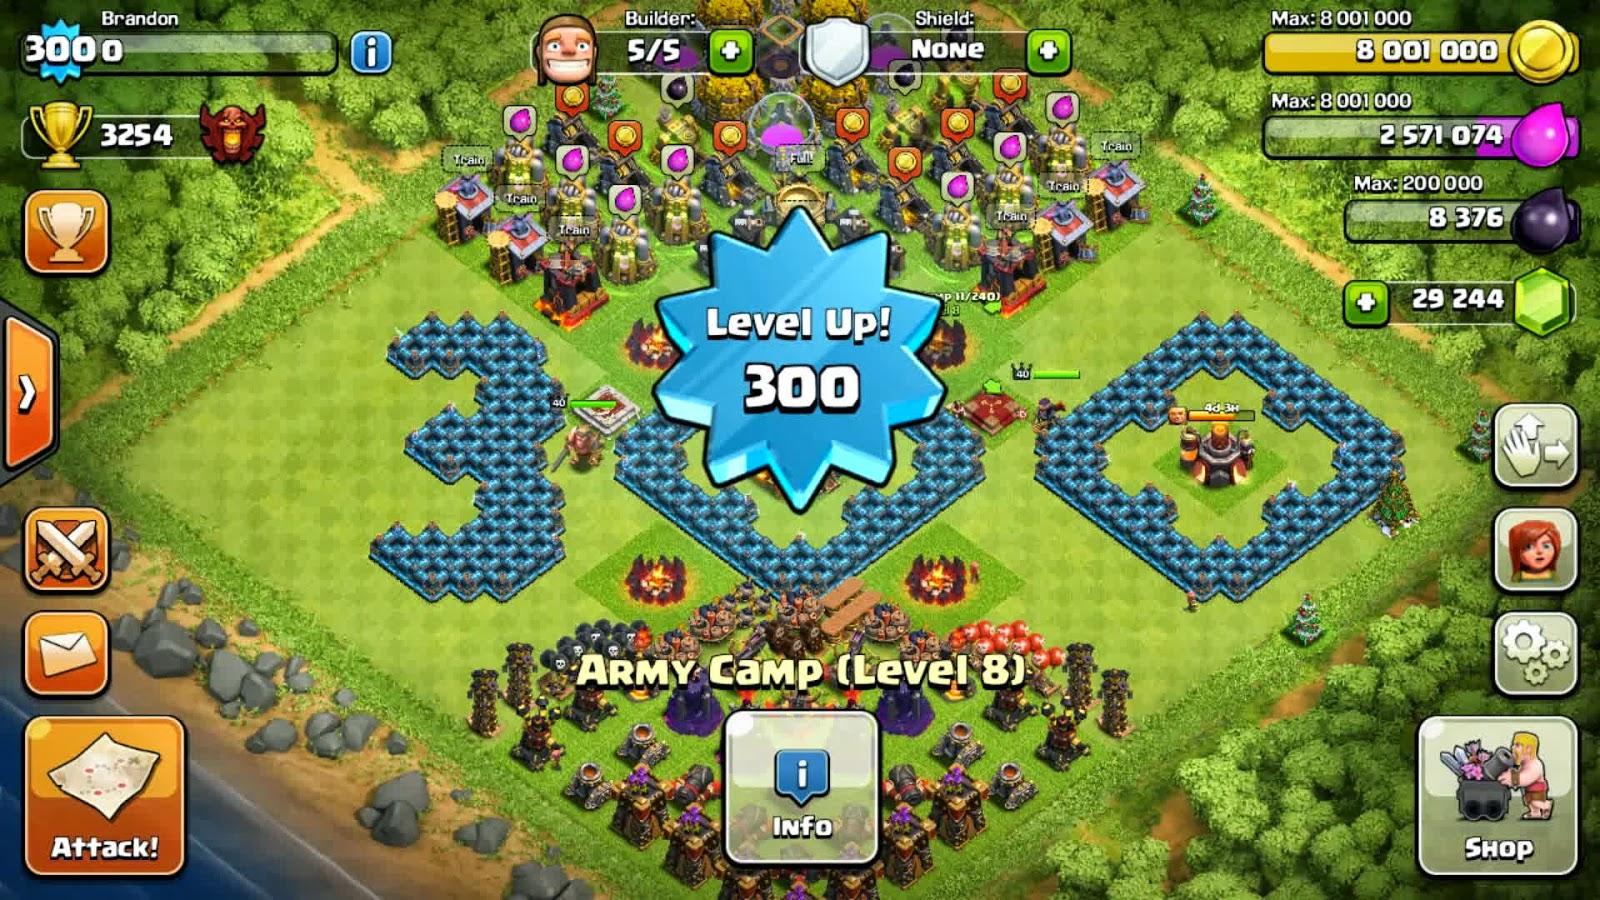 Cara Mudah Menaikkan Level Clash Of Clans Dengan Cepat Clash Of